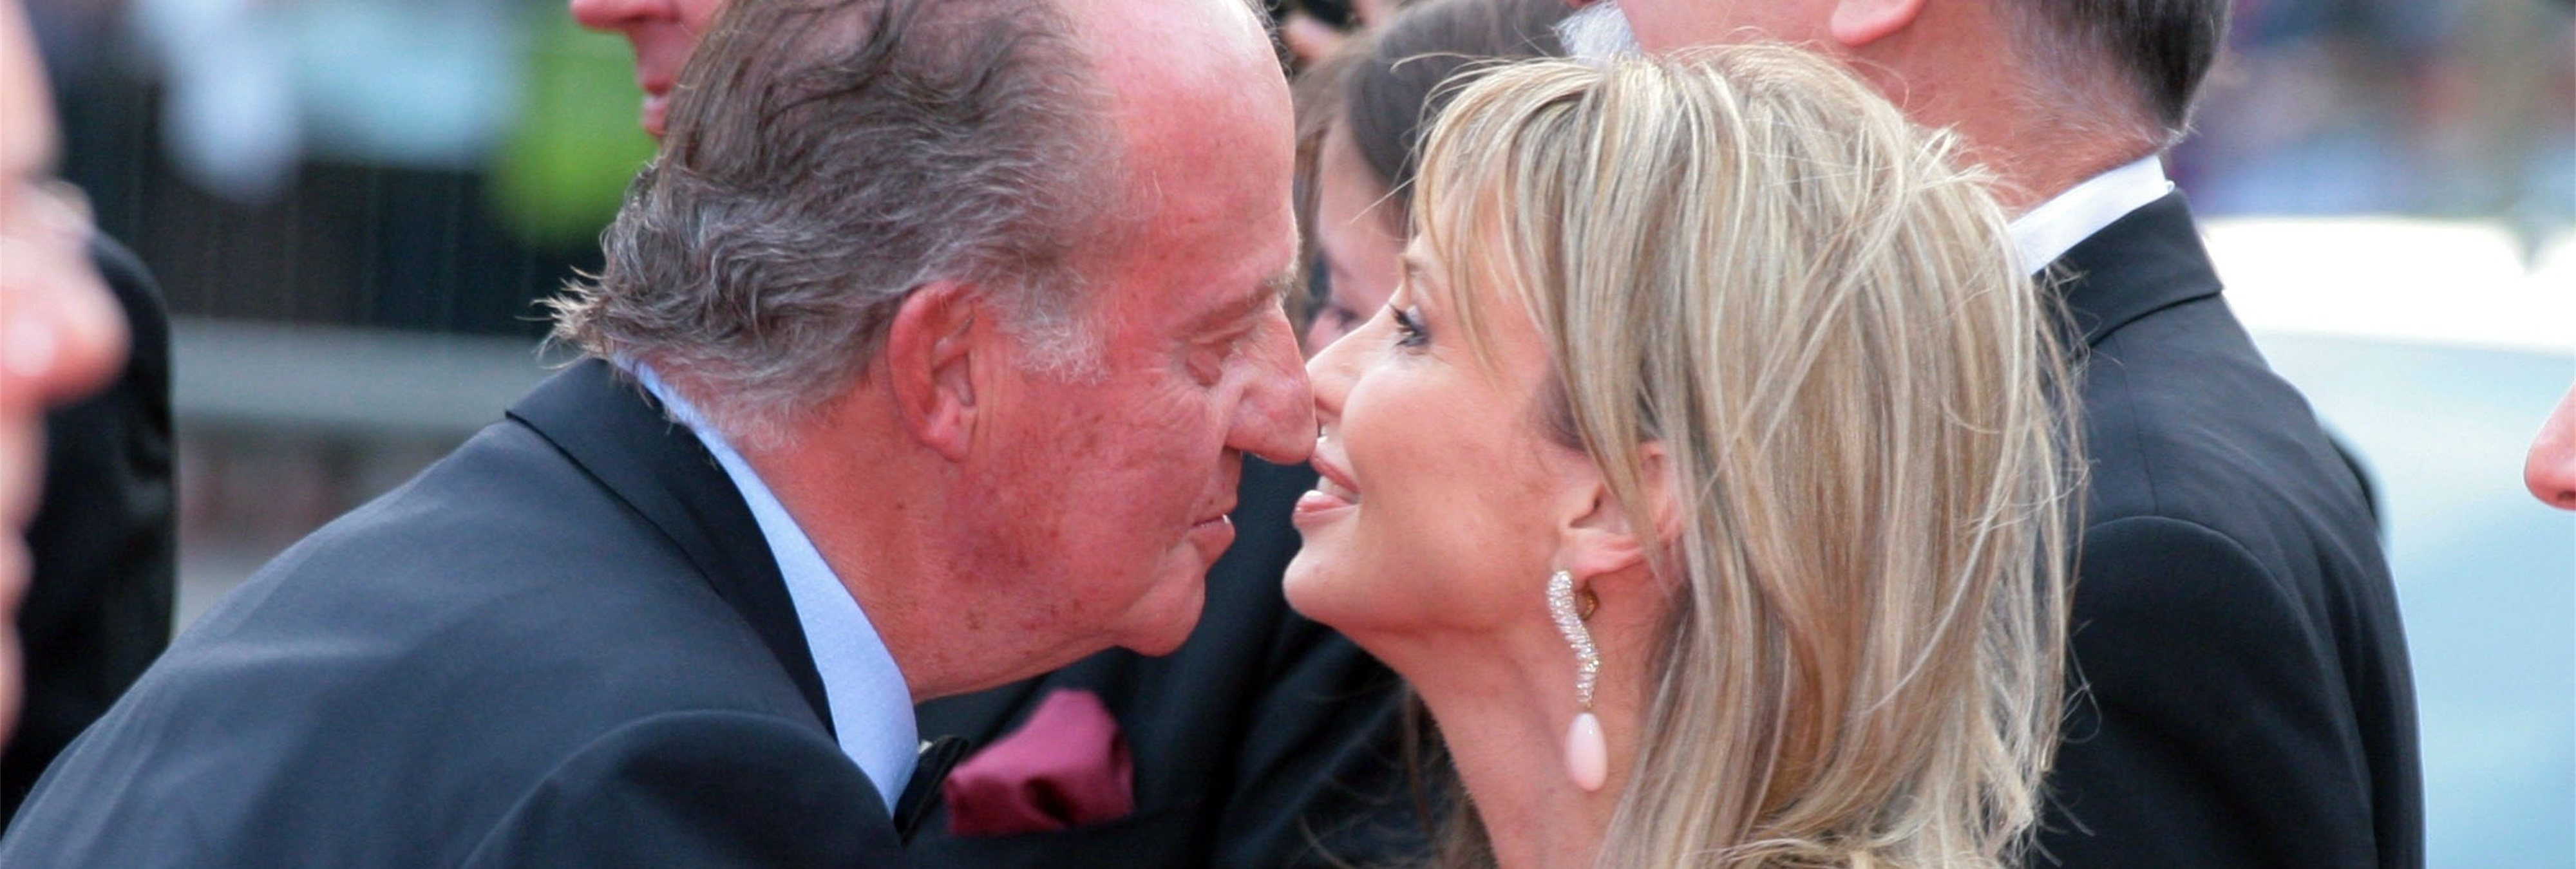 Corinna revela el nombre de una nueva supuesta amante del rey Juan Carlos